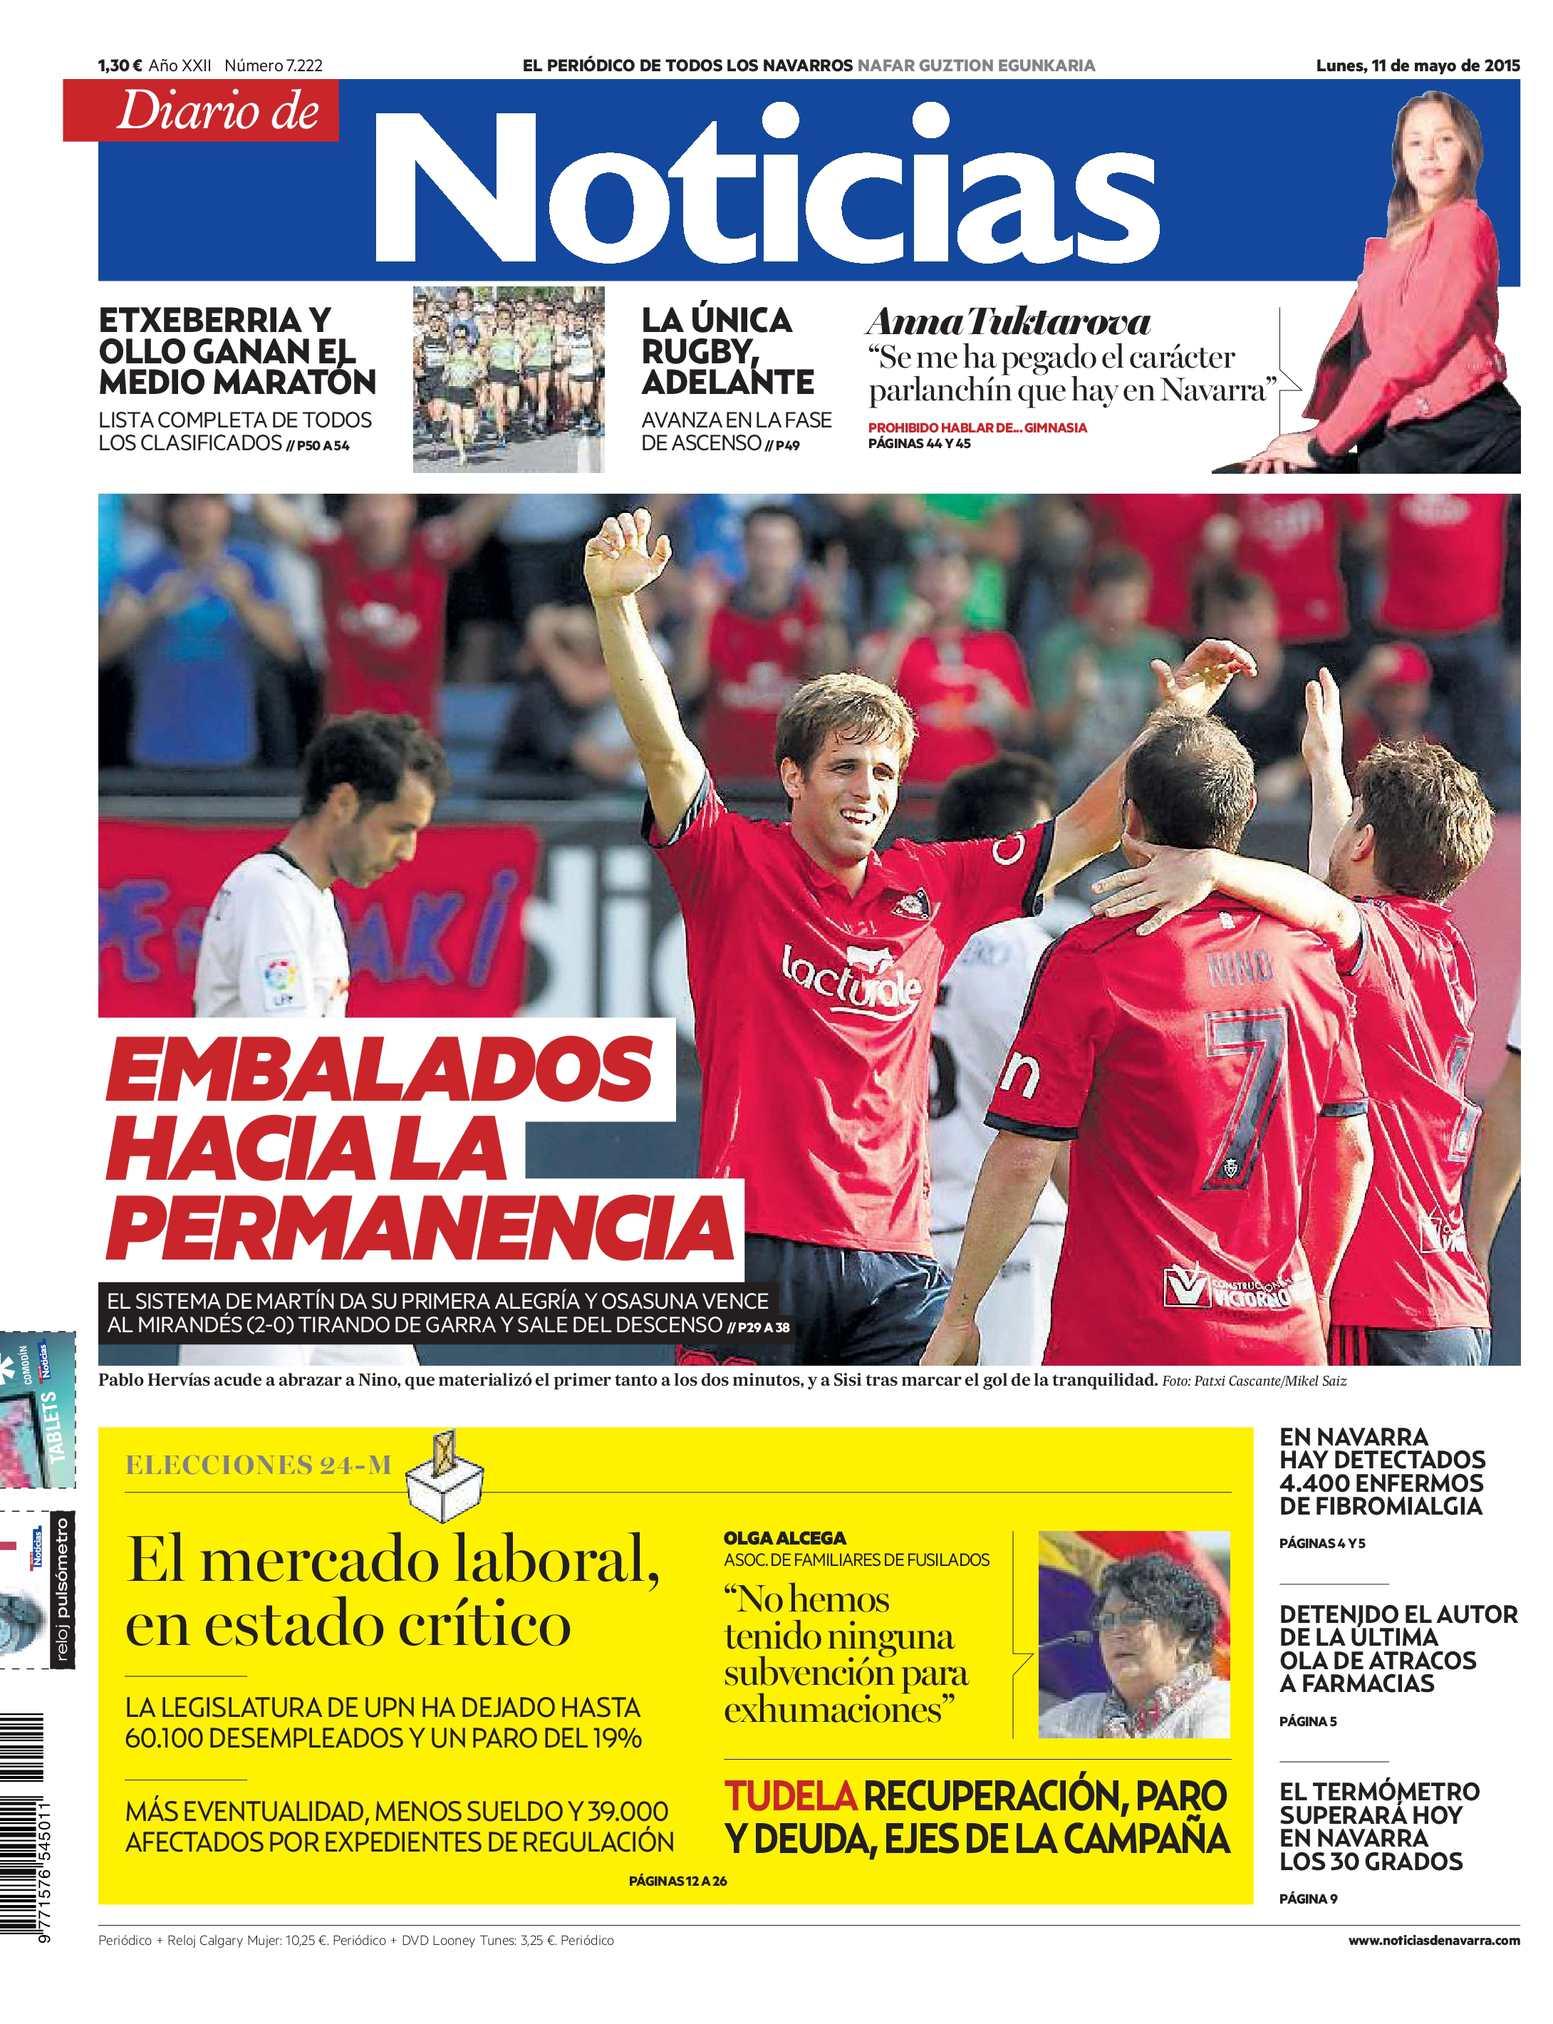 Calaméo - Diario de Noticias 20150511 ccf553d70fe93